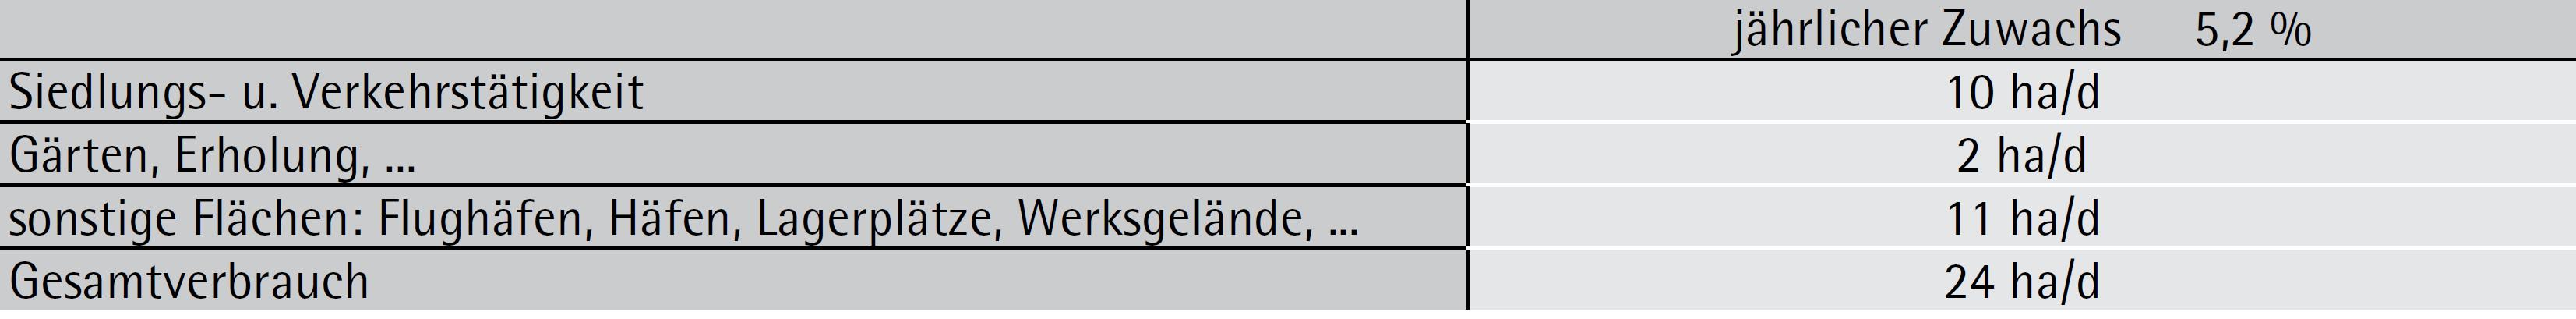 Flächenverbrauch durch Bautätigkeiten in Österreich